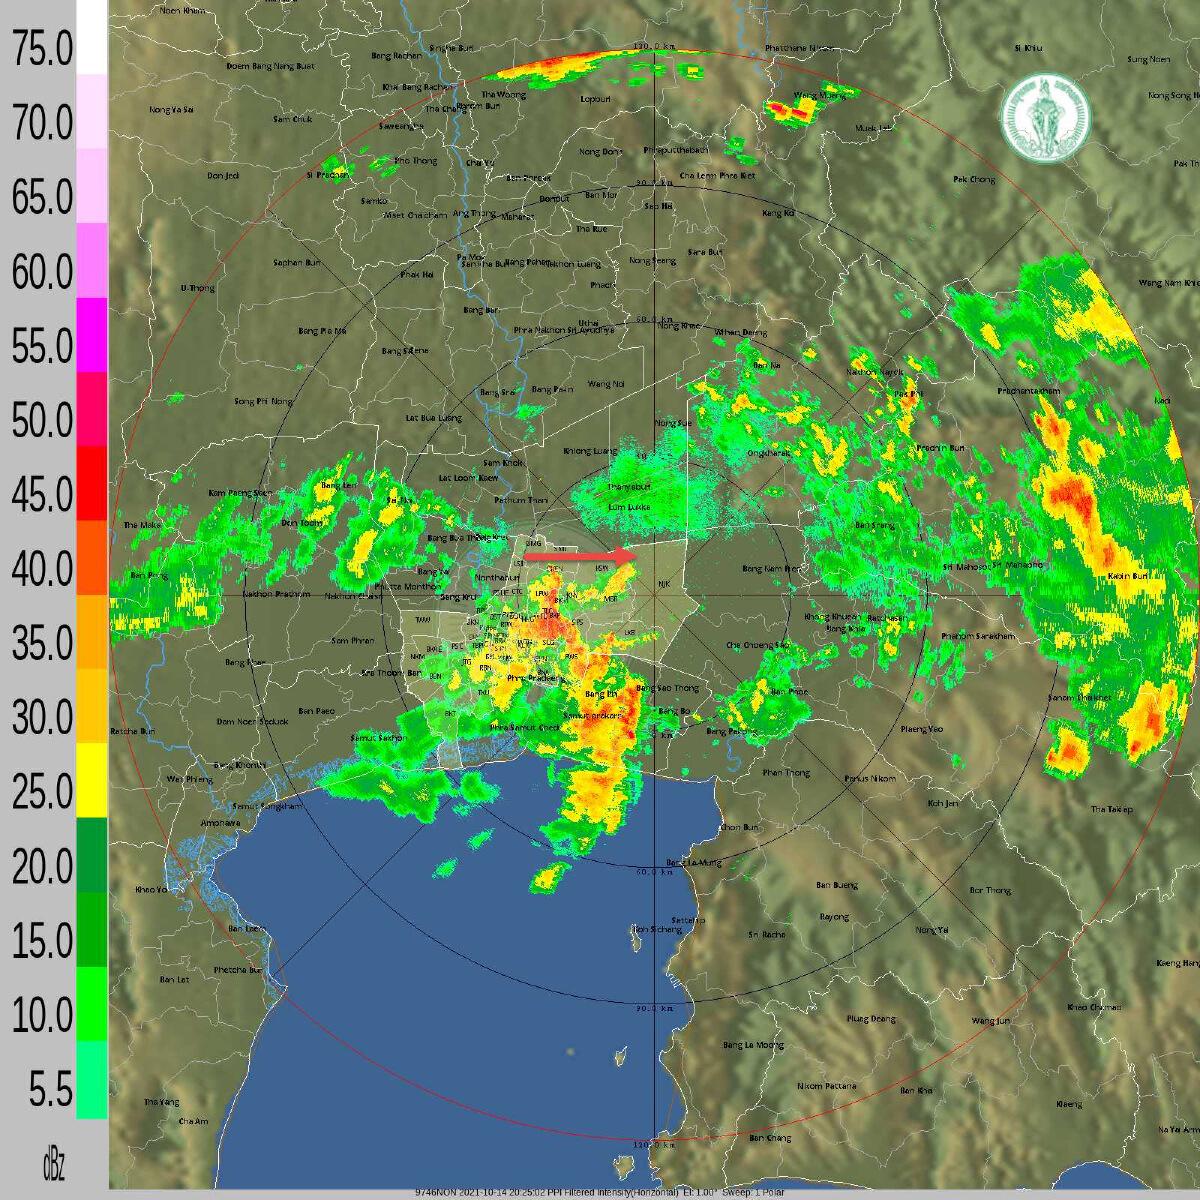 ฝนถล่มกรุงฯ เปิด 7 จุดน้ำท่วม กทม.ถนนไหนยังไม่แห้ง เช็คที่นี่!